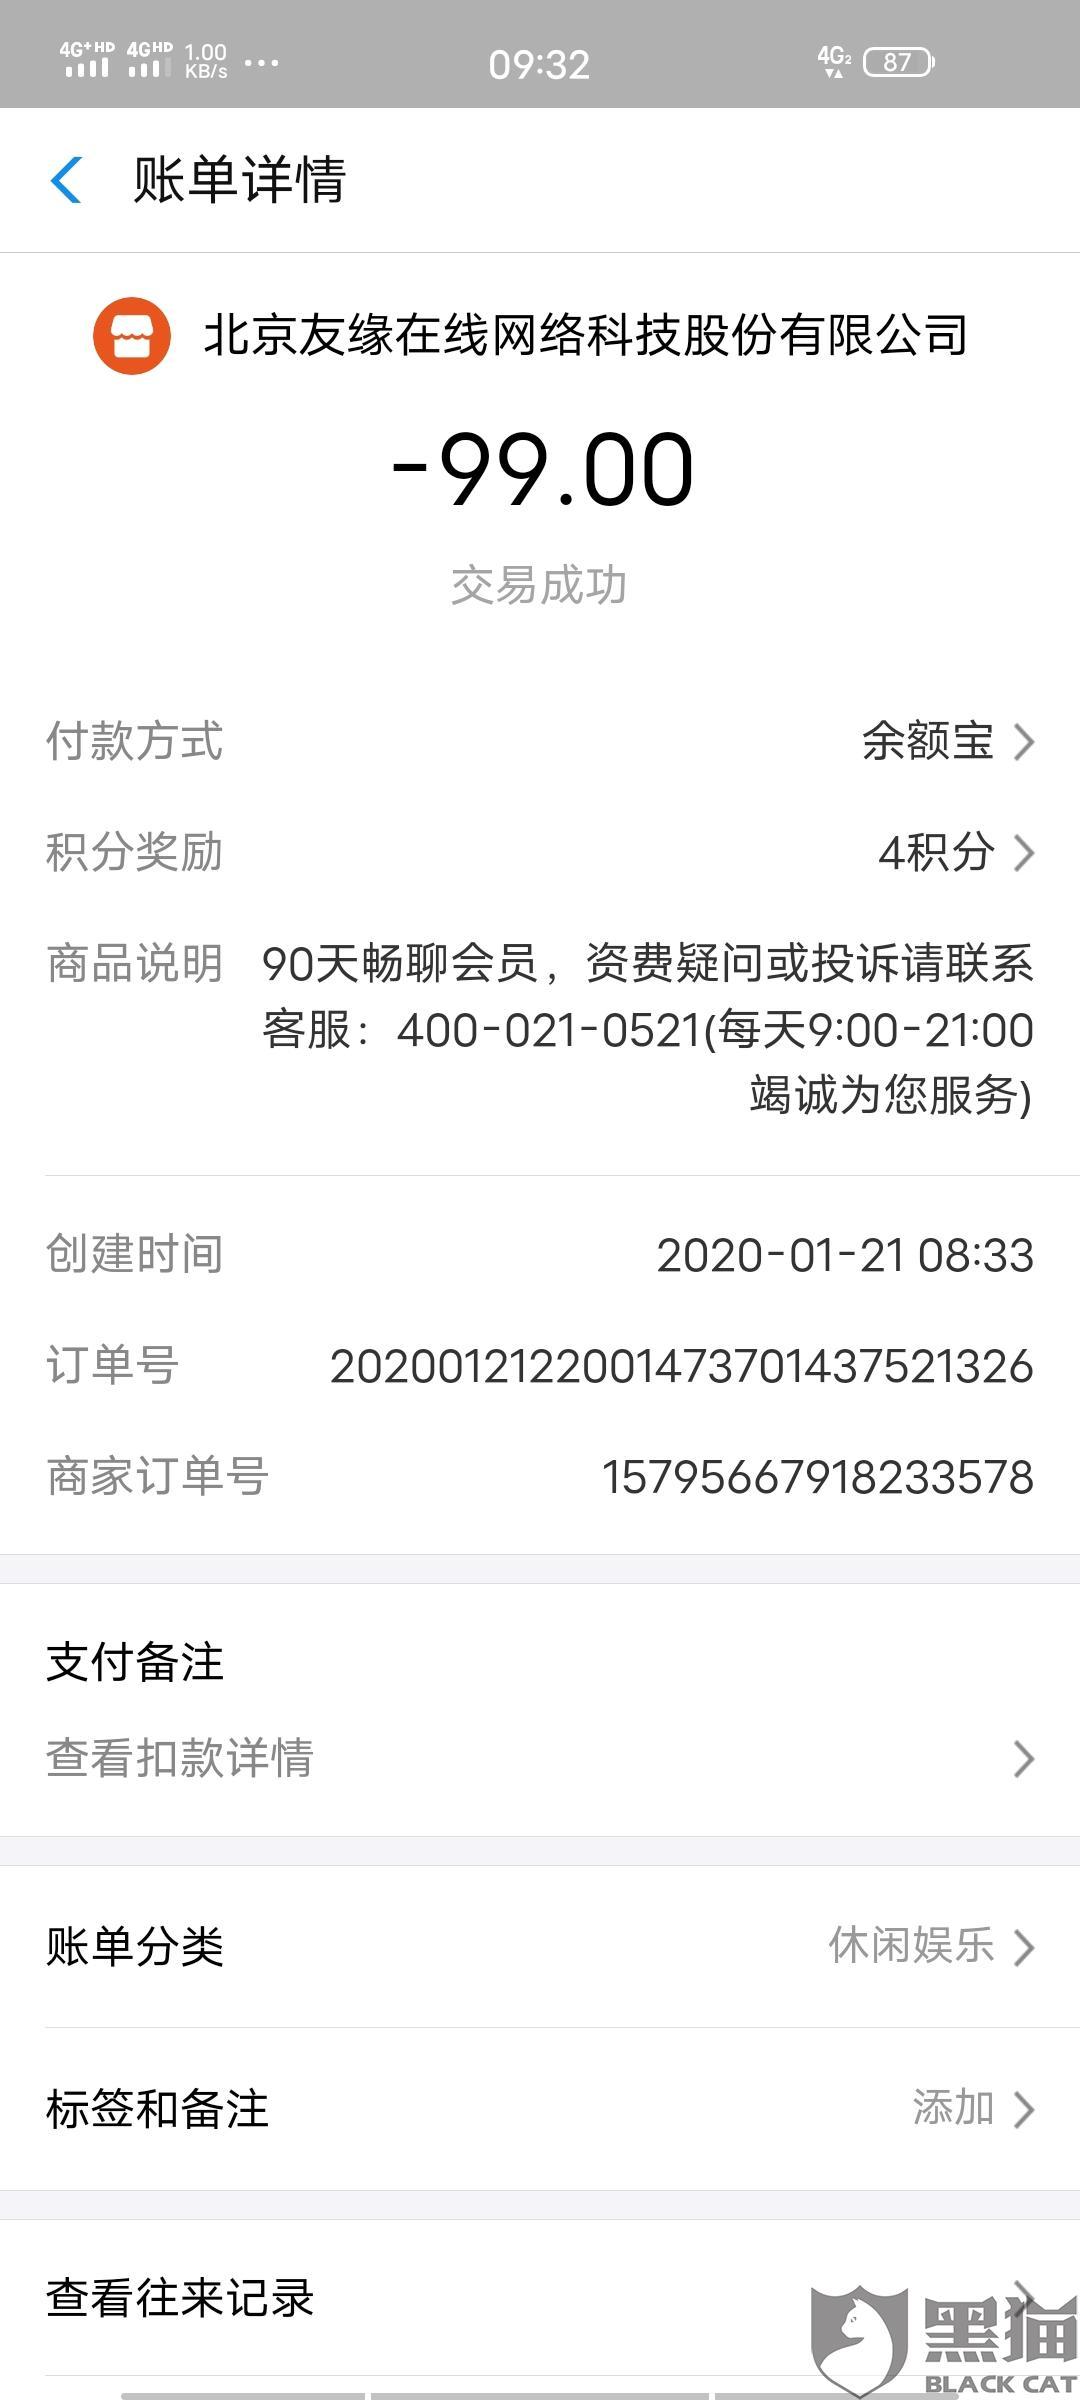 """黑猫投诉:北京友缘在线网络科技股份公司存在不正当欺诈消费者不经过同意恶意扣款。要求退款"""""""